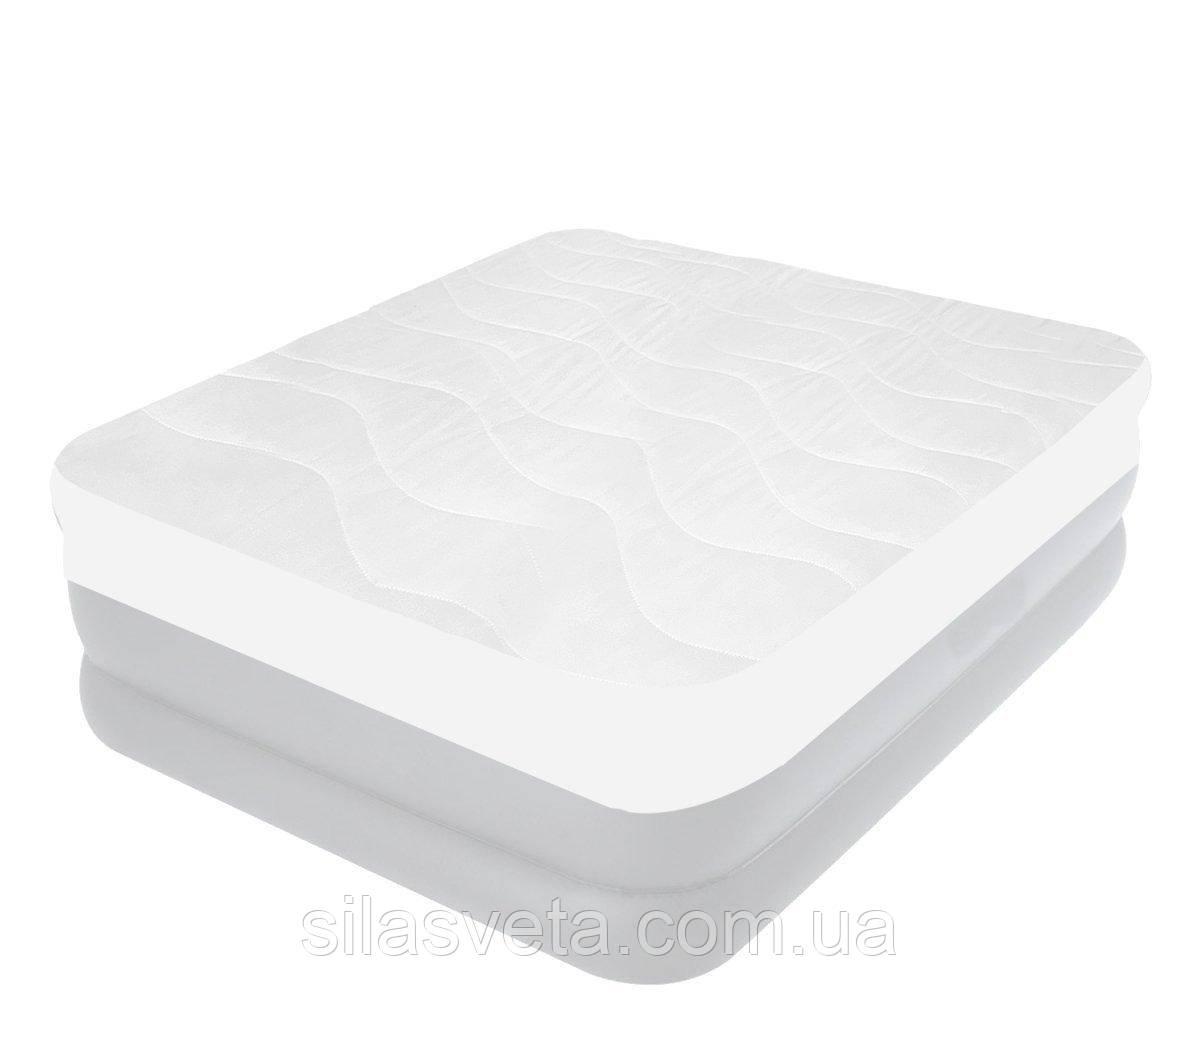 Чехол-наматрасник для односпальной кровати Intex 69641 (90х200х30 см.)